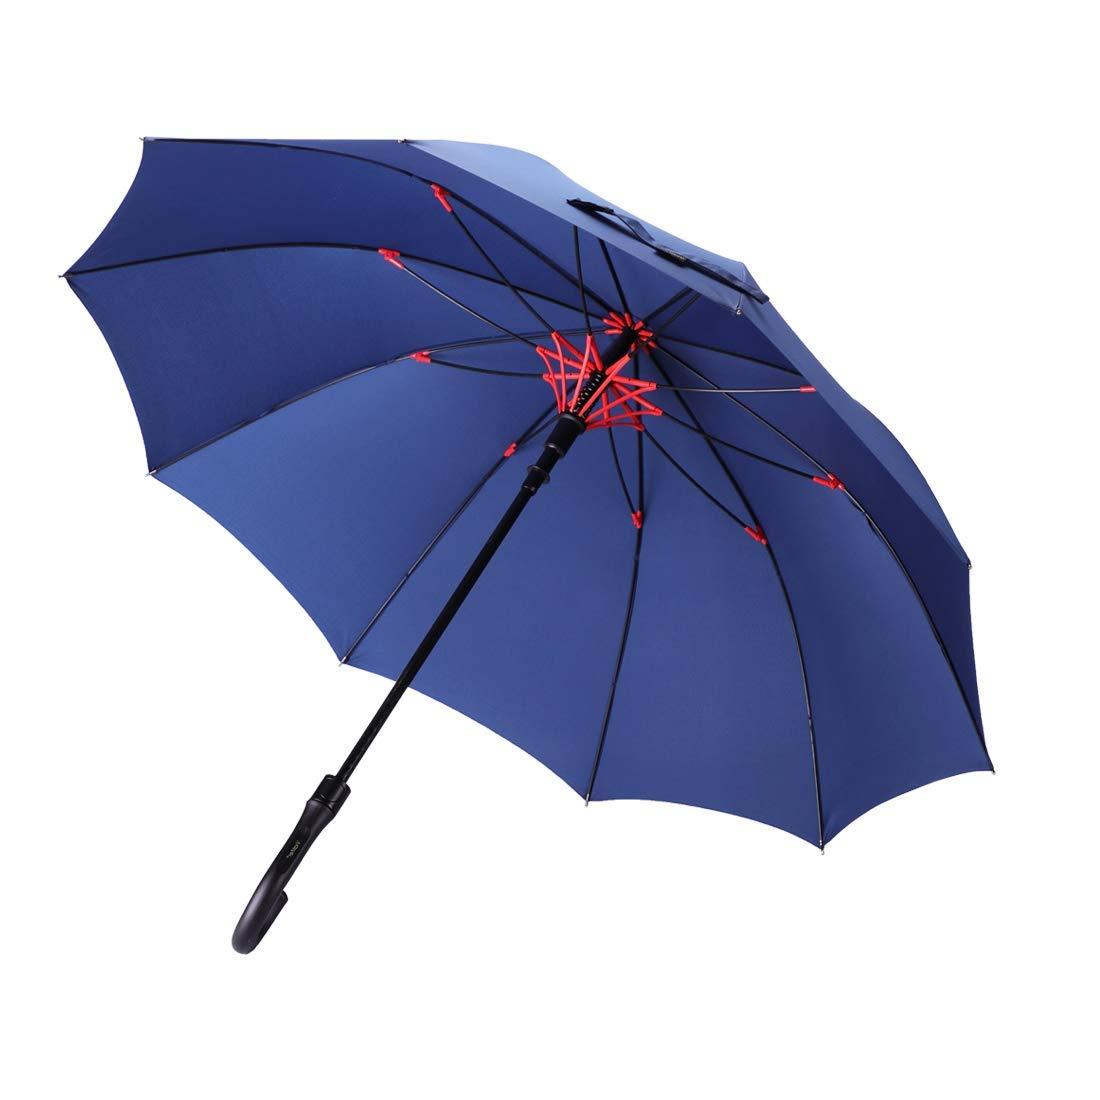 昇級版 日本限定 梅雨対策Vialifer長傘210T高強度グラスファイバー傘10本骨Teflon加工超撥水耐風 ブランド買うならブランドオフ 丈夫 大型 紳士傘 レディースメンズ晴雨兼用傘 付き 自動開けステッキ傘 大きな傘